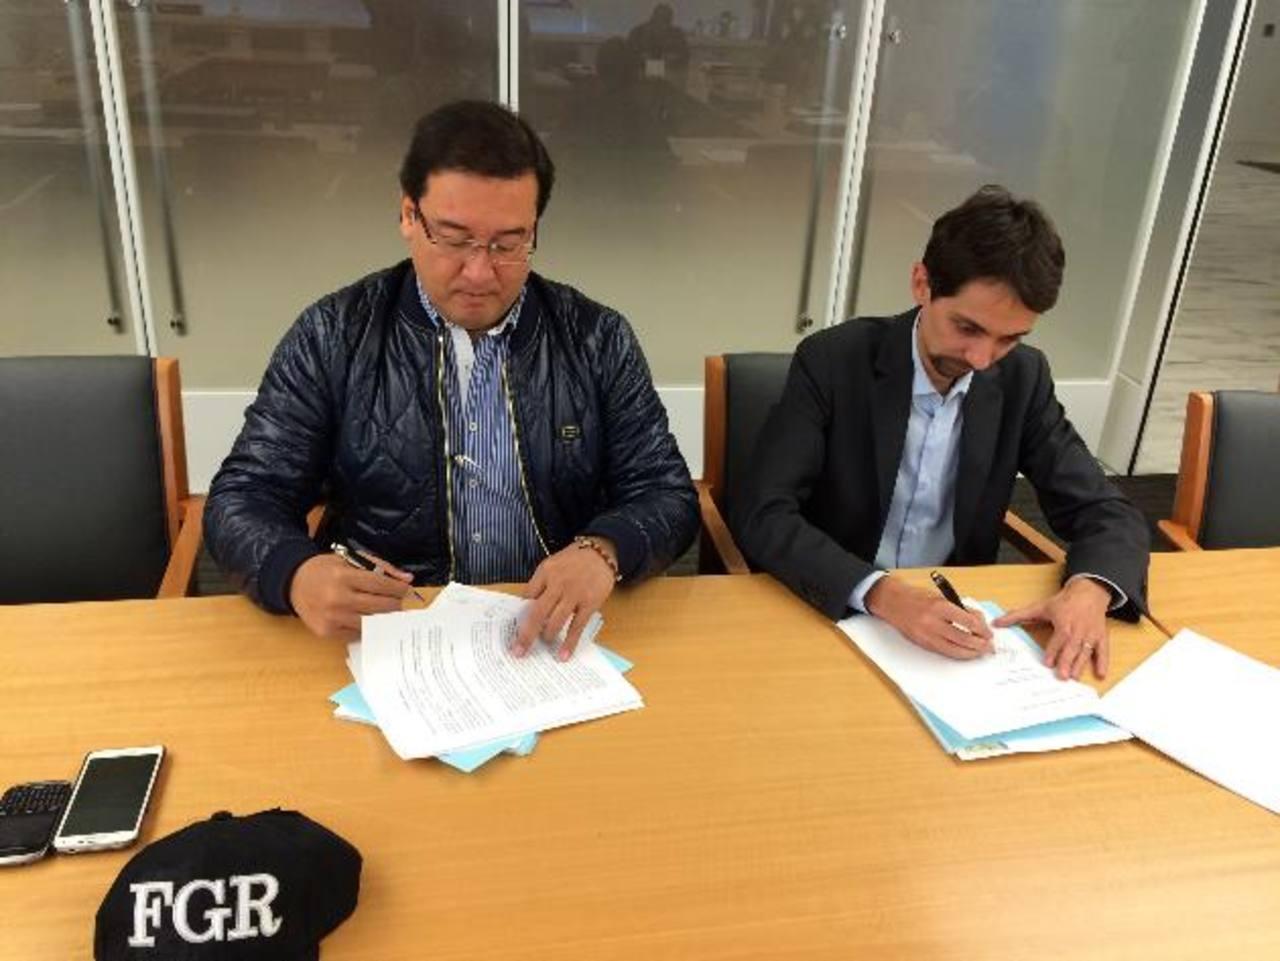 El Fiscal General, Luis Martínez, y el representante de Enel para México y Centroamérica, Nicola Melchiottia, firman el acuerdo que terminó con ocho años de litigio entre Enel y CEL. Foto EDH / Archivo